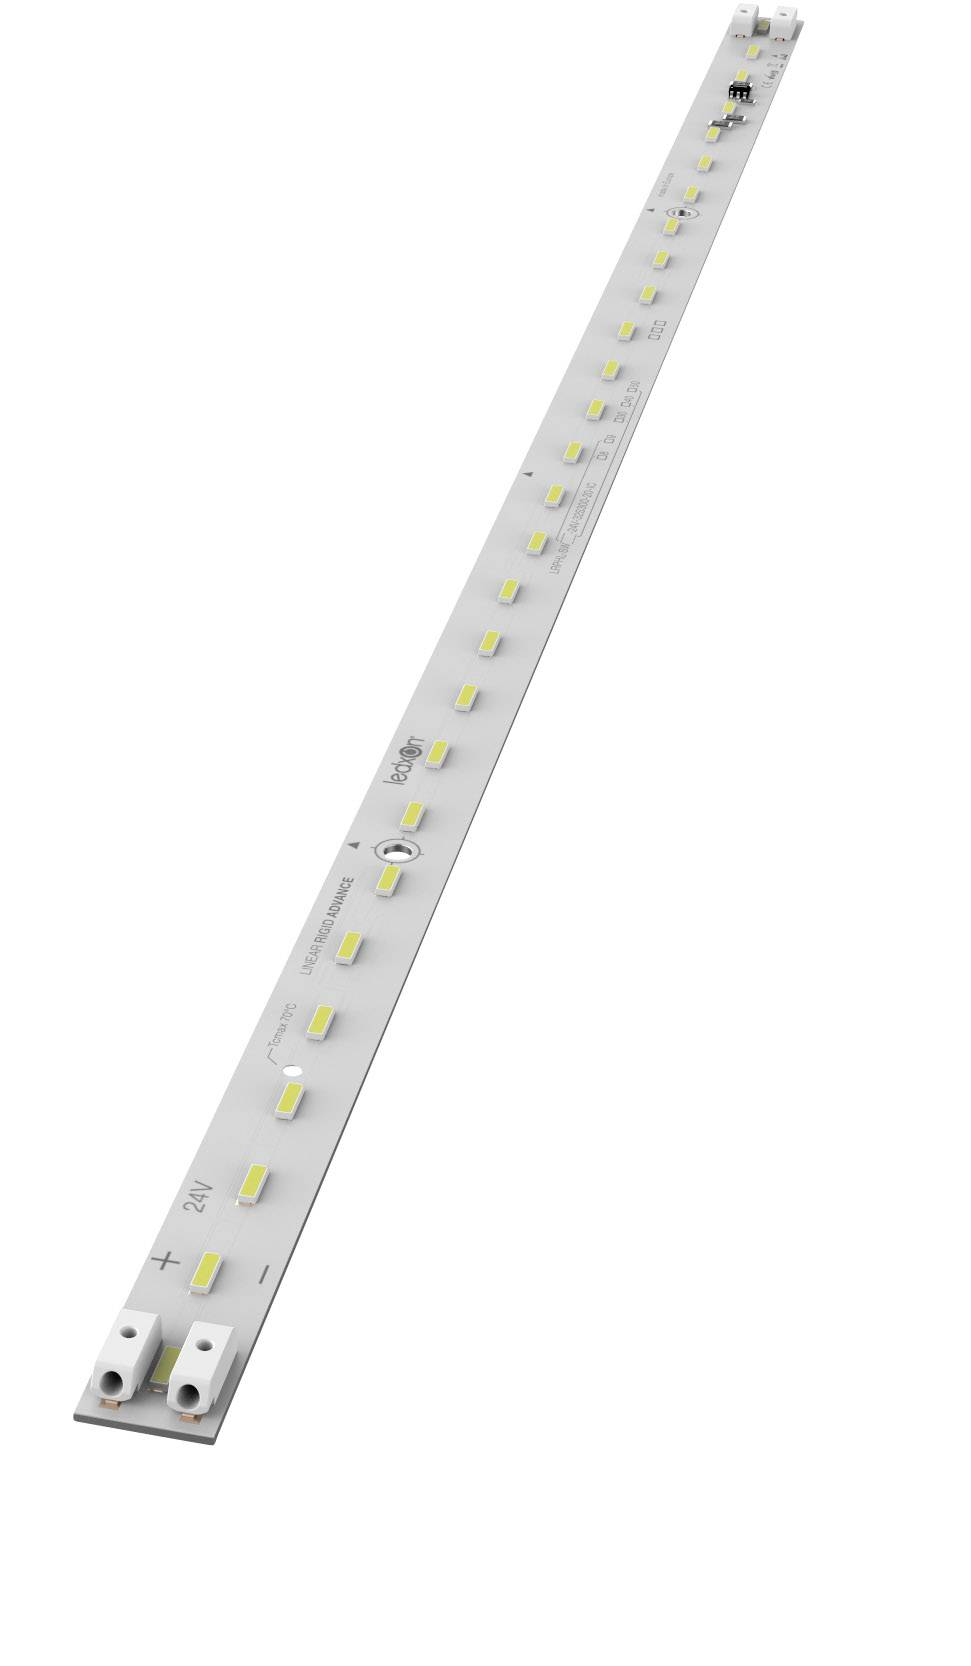 LED lišta ledxon LRAML-SW840-24V-28S103-20-IC 9009367, 24 V, neutrálně bílá, 30 cm